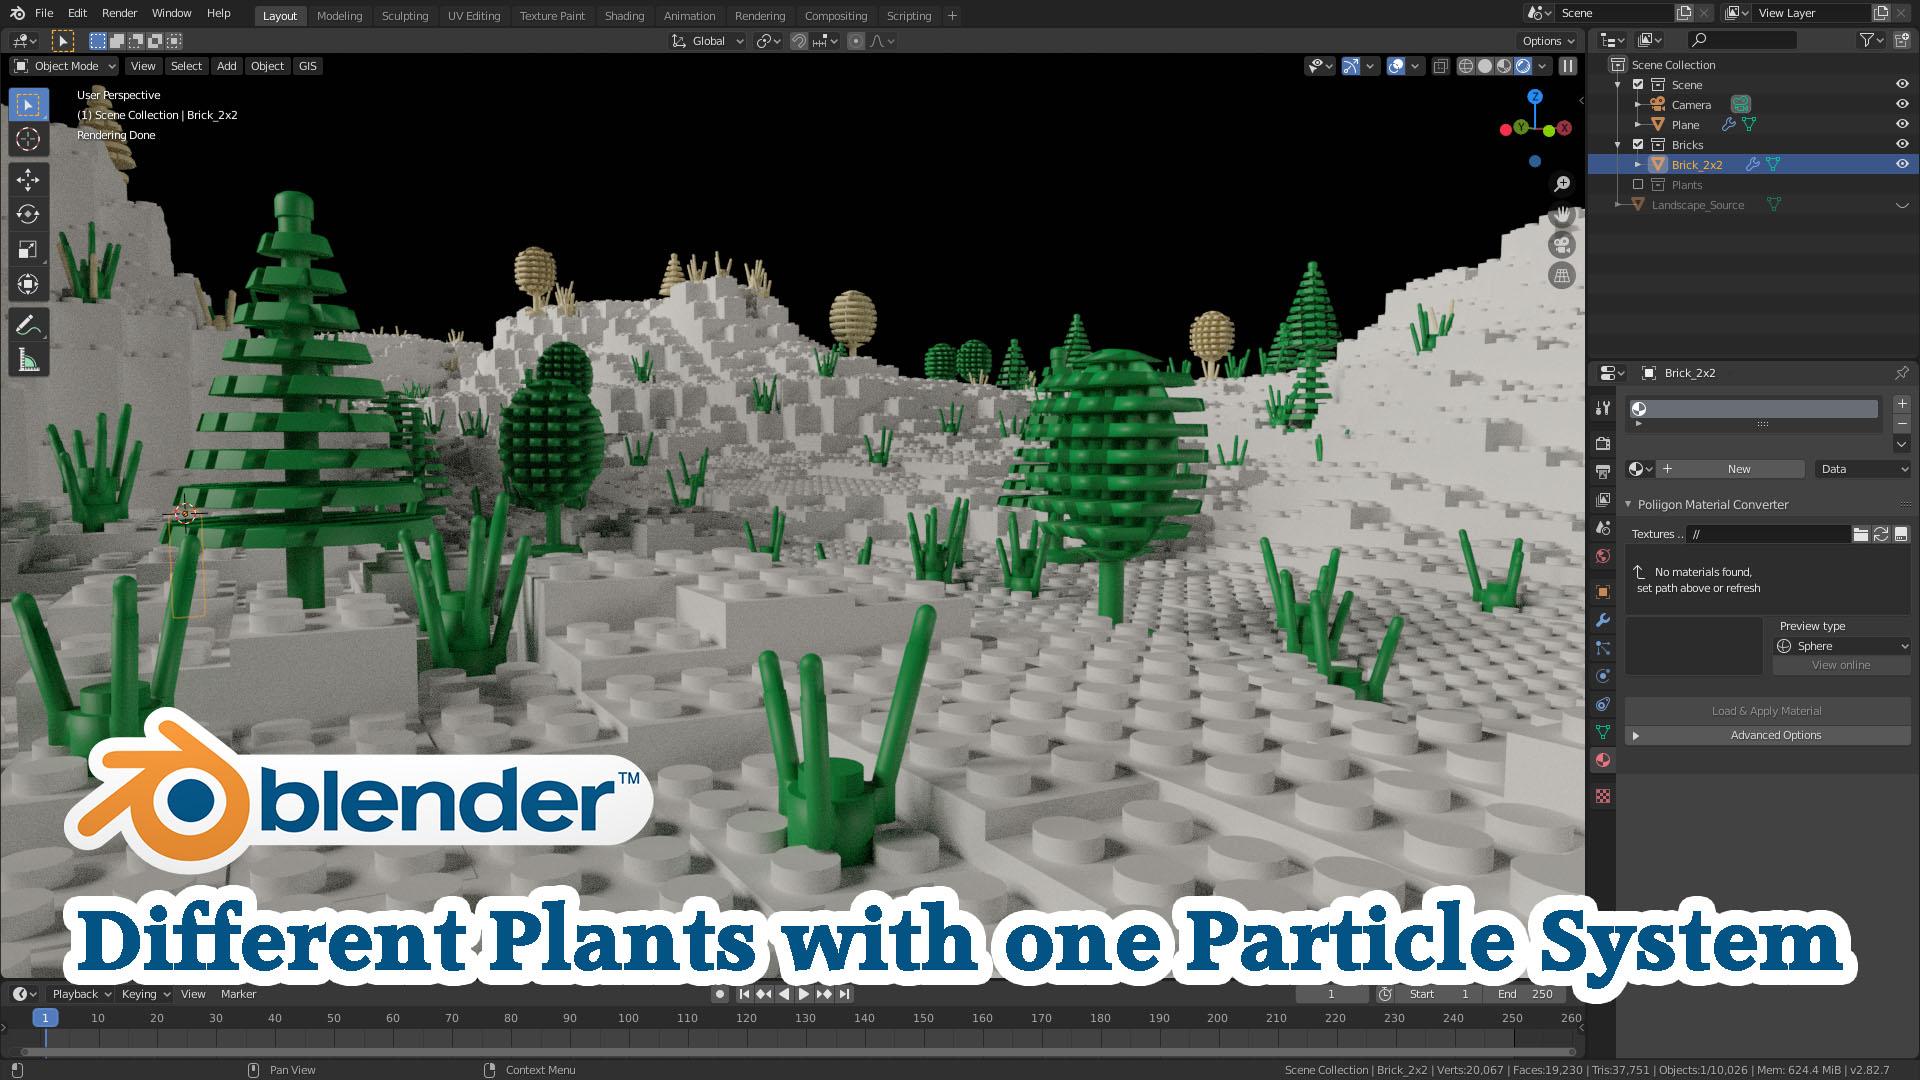 http://www.brickshelf.com/gallery/Peiler/Making-Of/07_trees.jpg